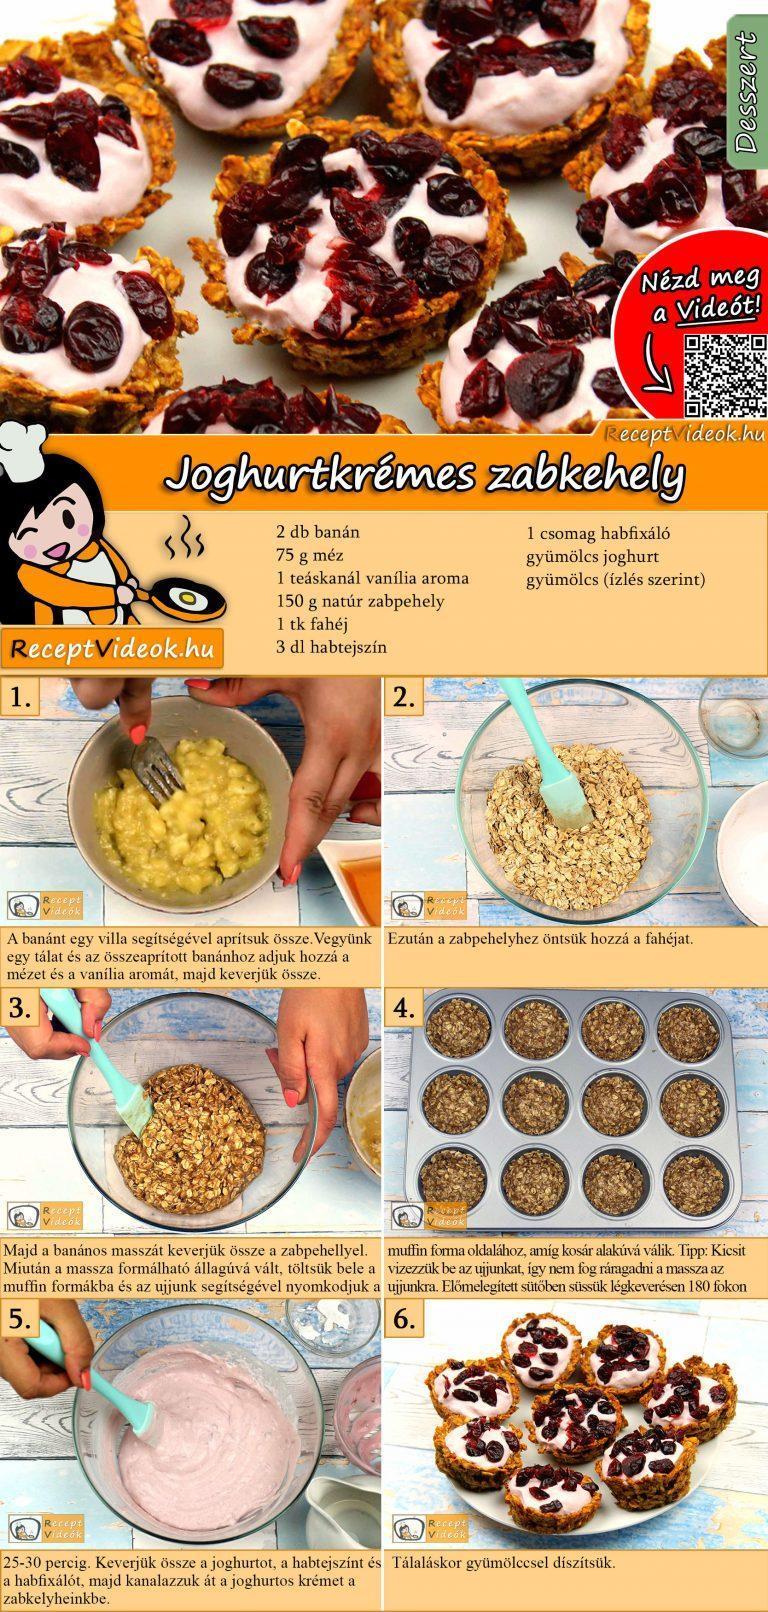 Joghurtkrémes zabkehely recept elkészítése videóval